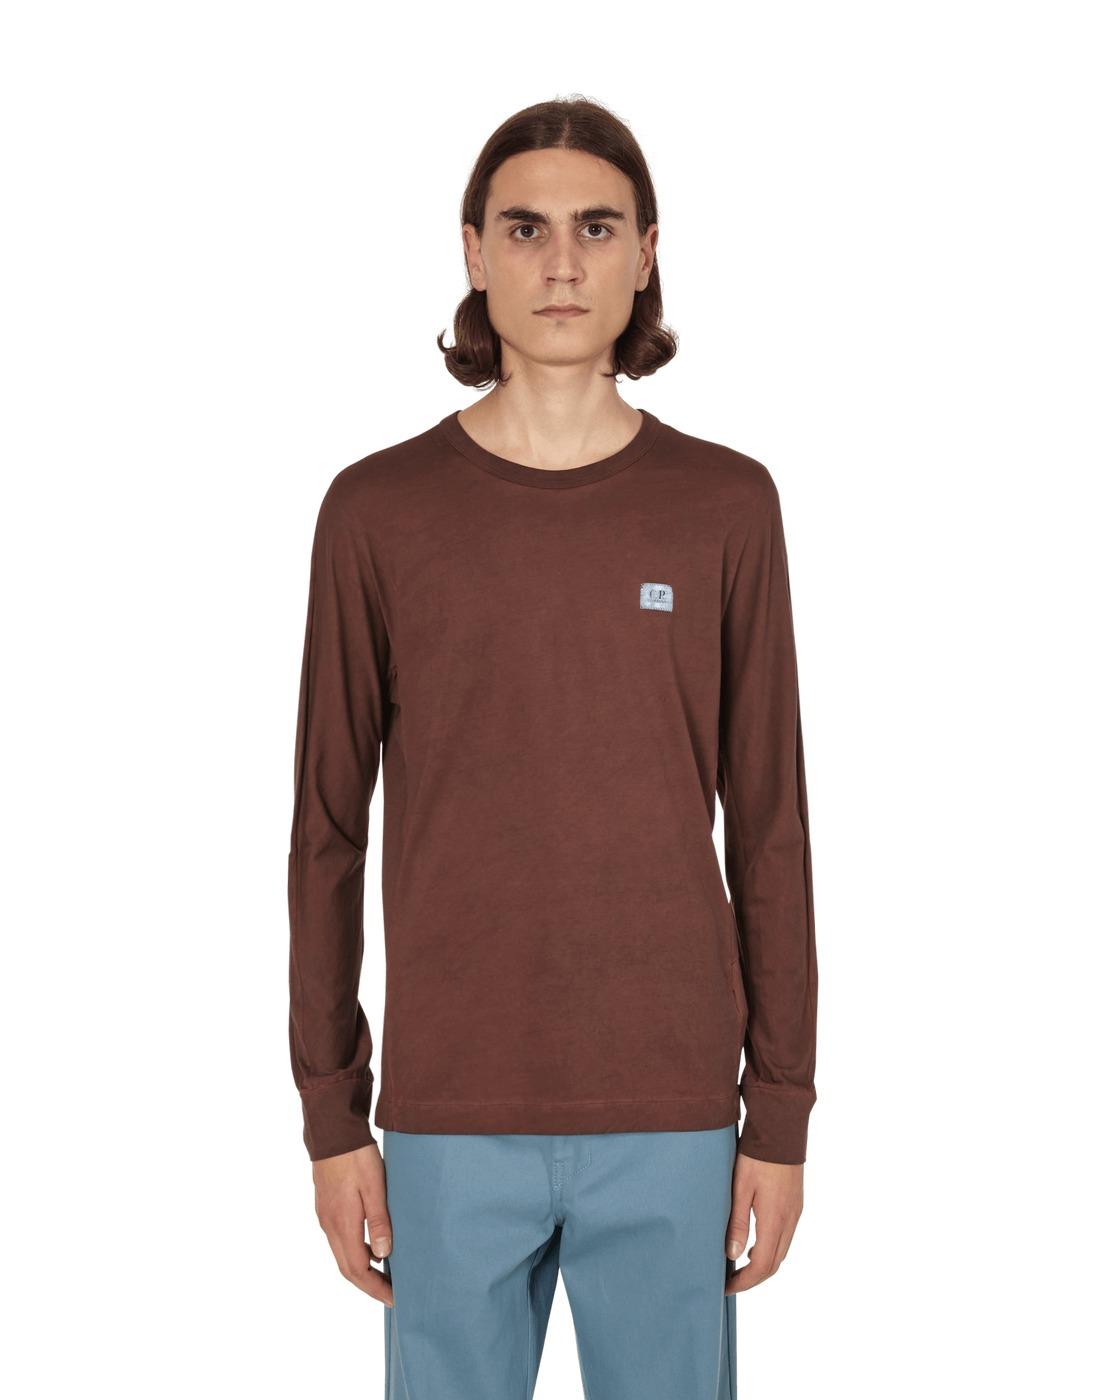 C.P. Company Re Colour Longsleeve T Shirt Brunette